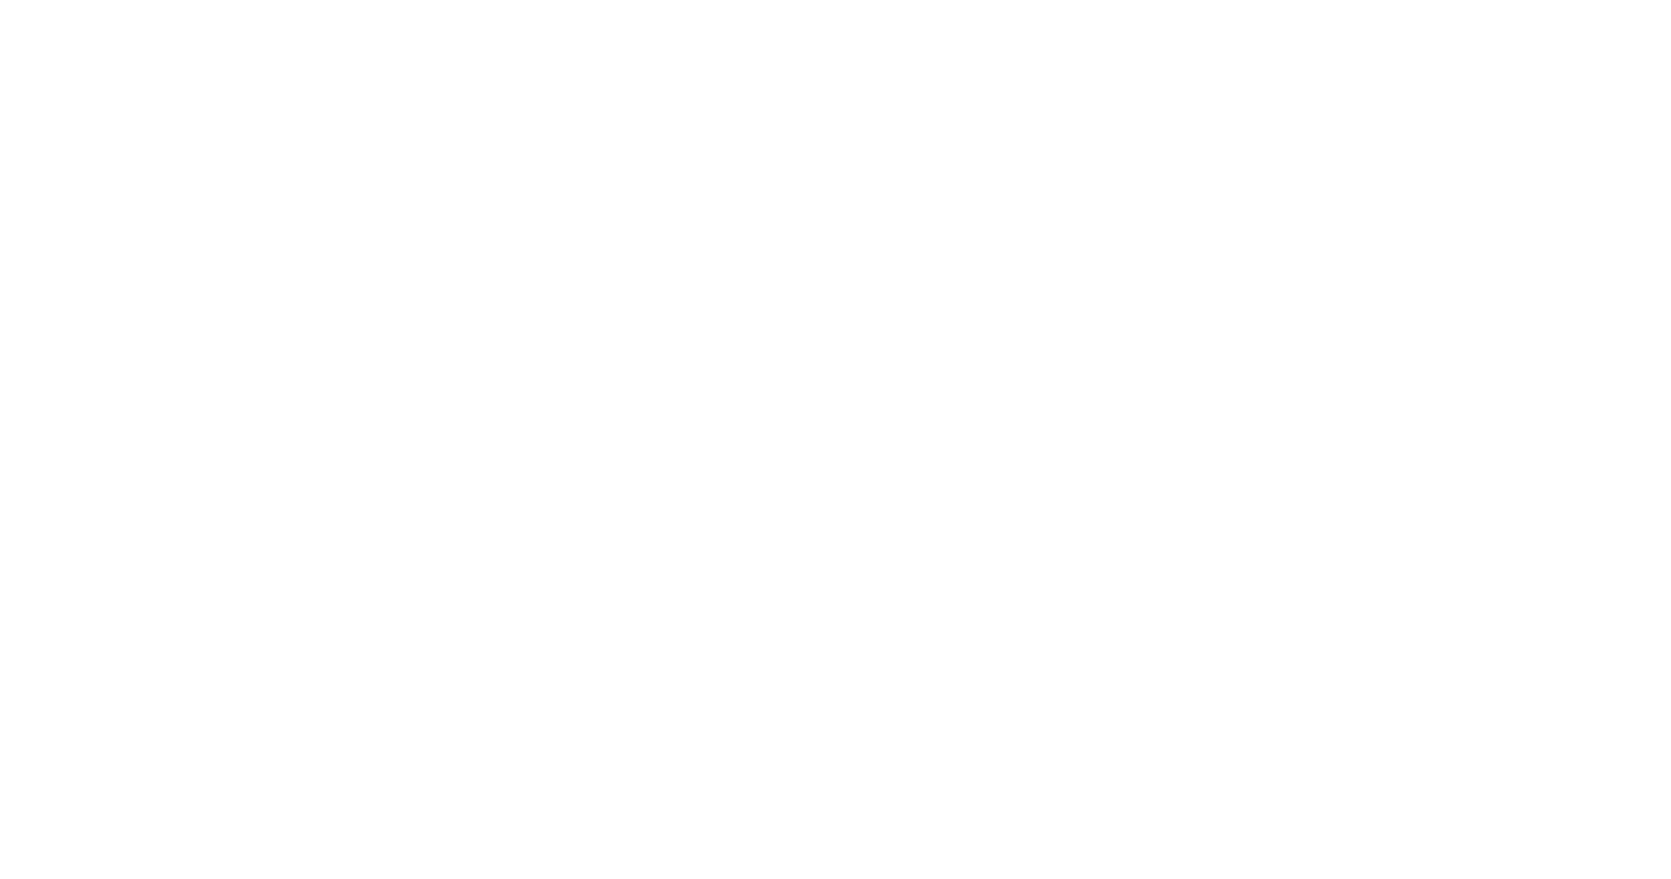 2019_WMF_WhiteLaurels copy.png